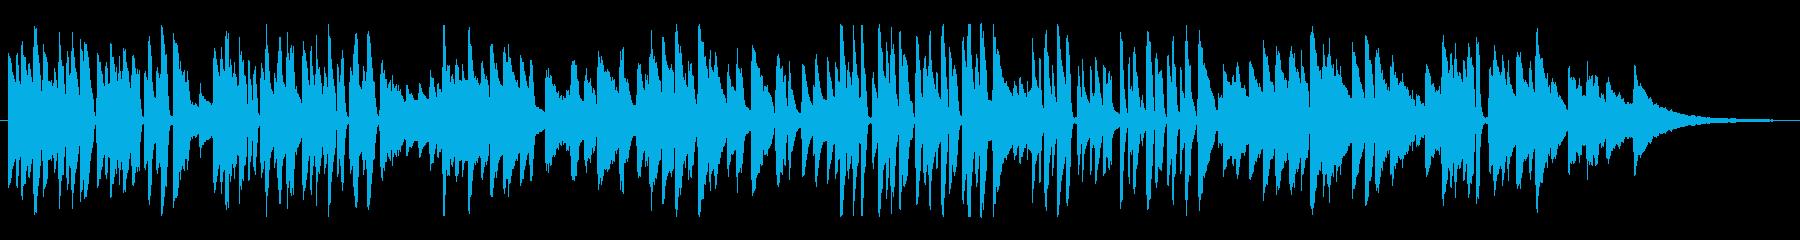 軽快で明るめのジャズ風ラウンジピアノソロの再生済みの波形